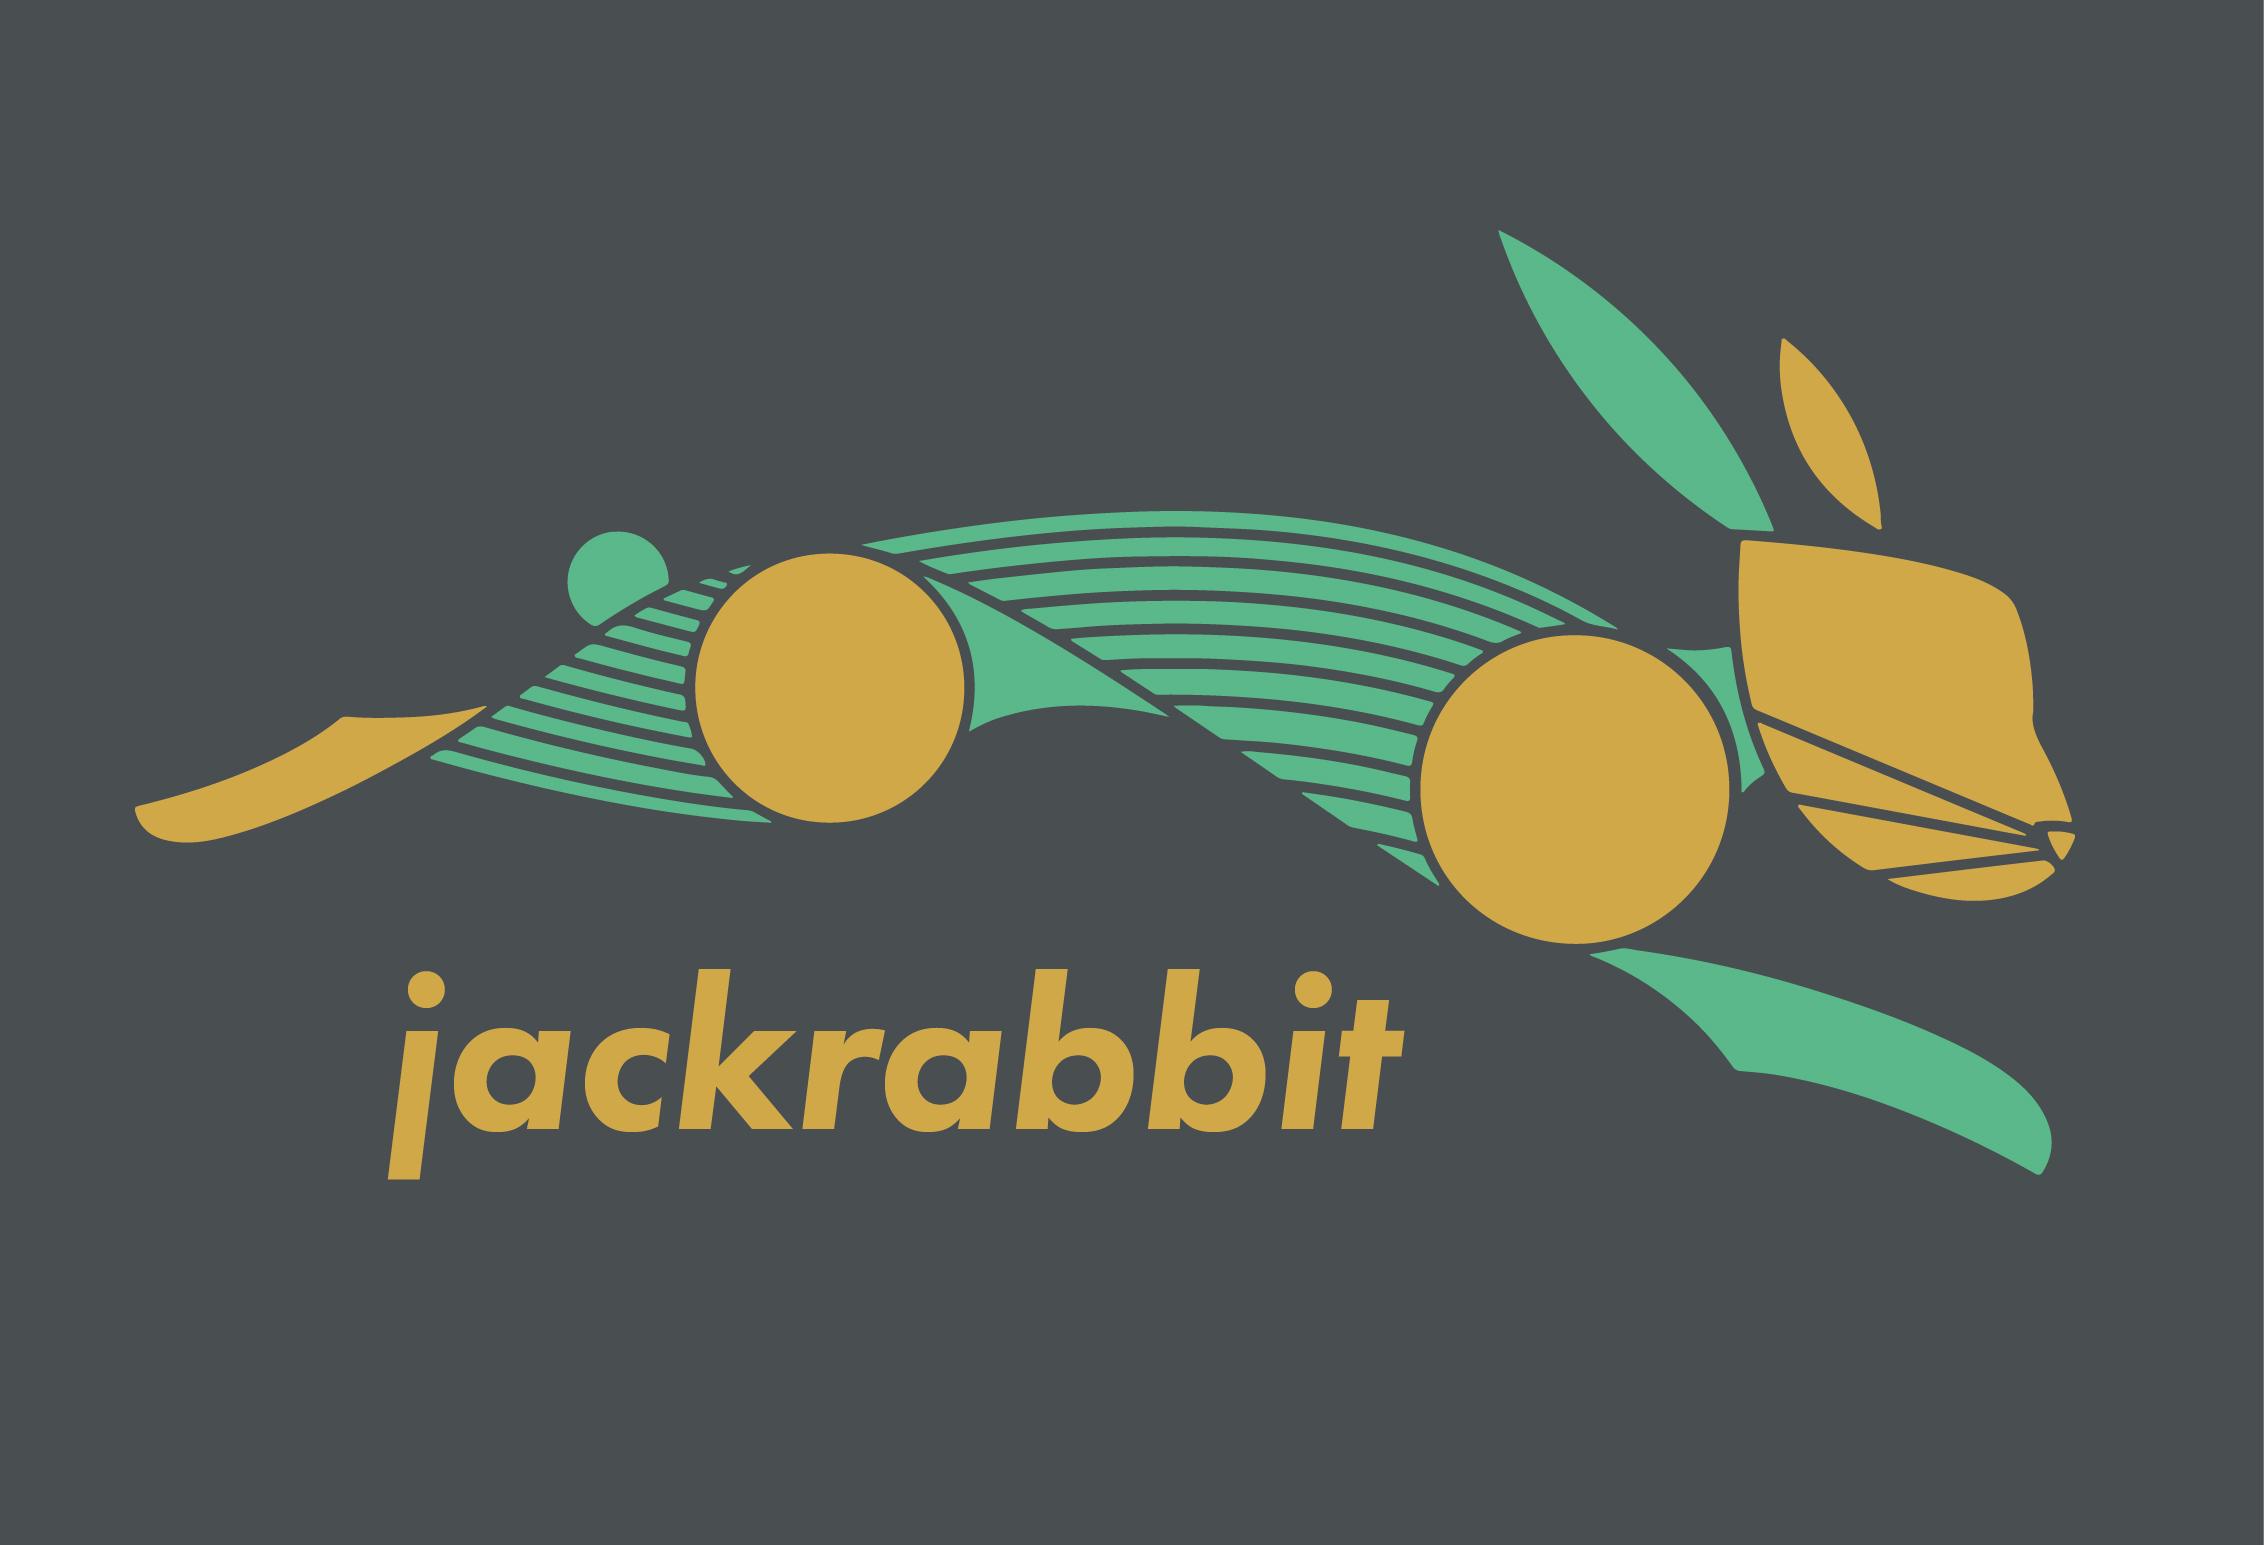 jackrabbit_07-07